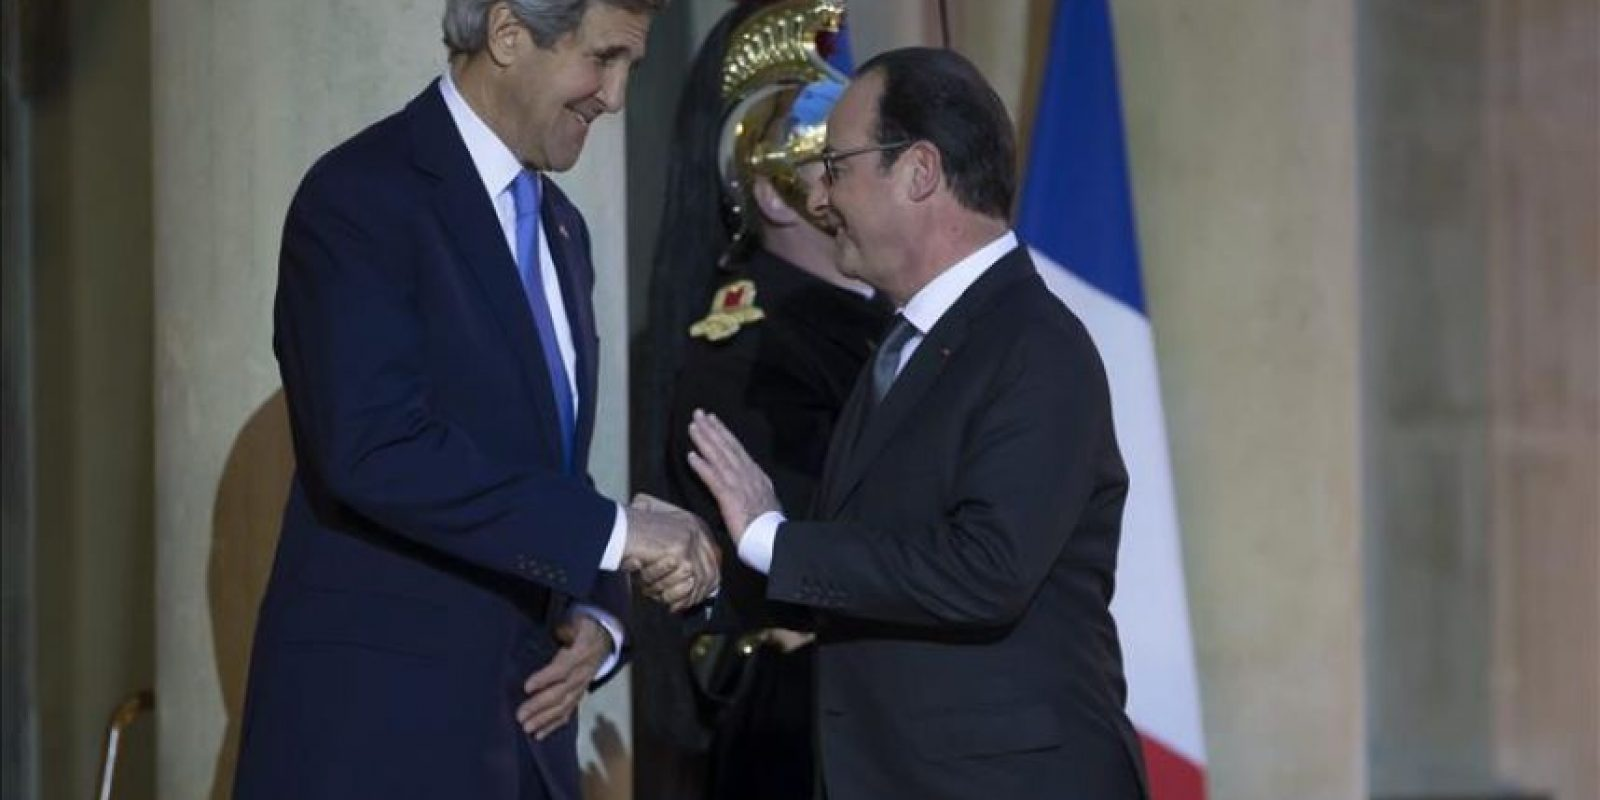 El presidente galo, François Hollande (dcha), saluda al Secretario de Estado estadounidense, John Kerry, a su llegada al Palacio del Elíseo en París (Francia).EFE